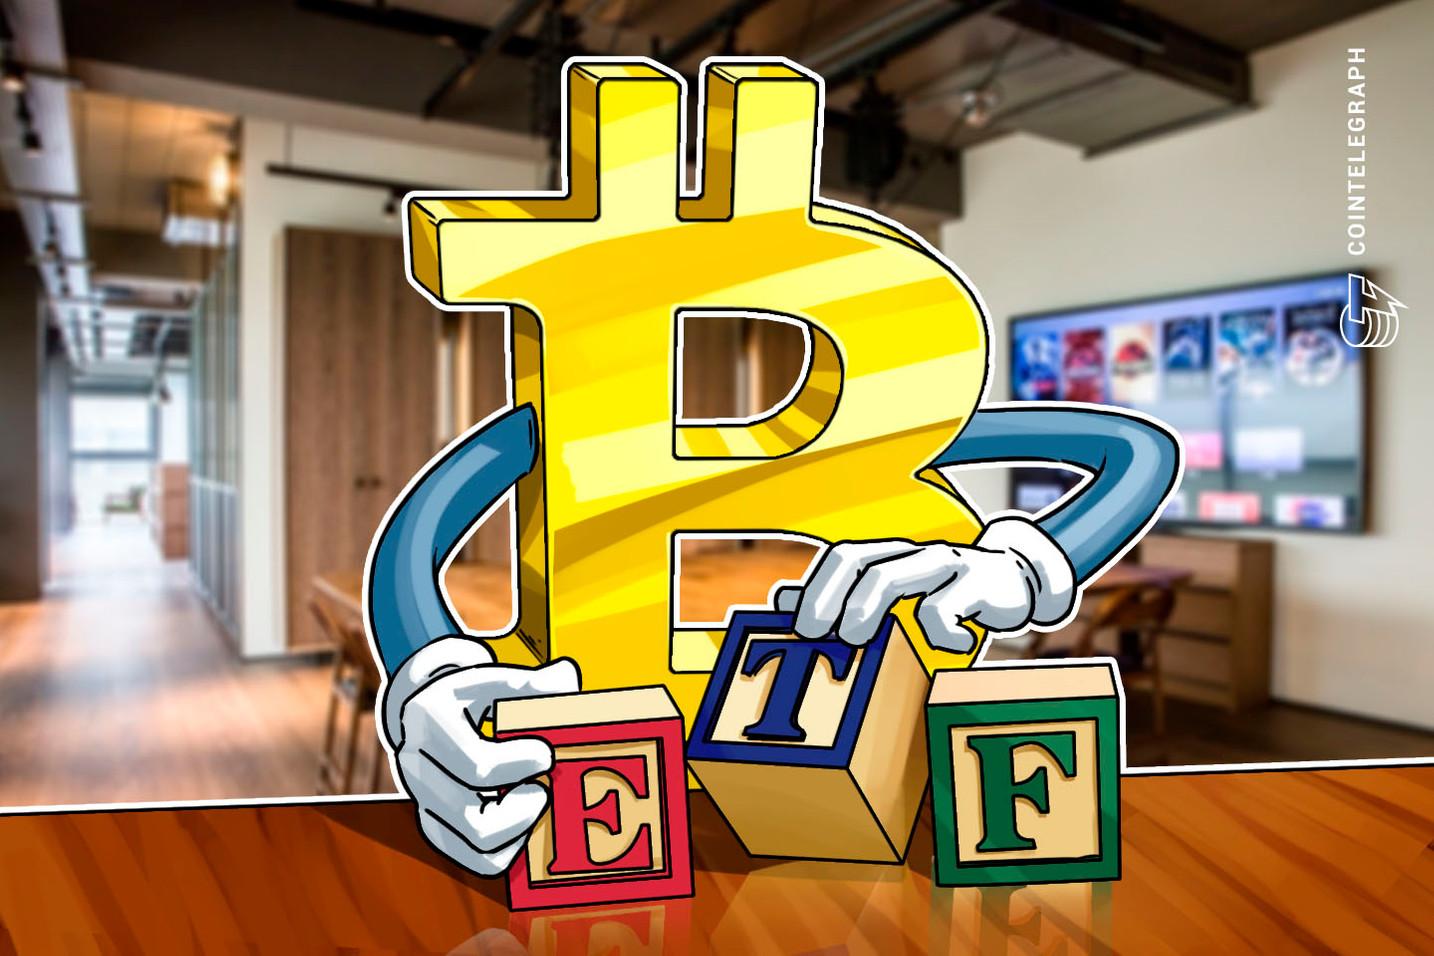 Die SEC erwartet weitere Kommentare bezüglich des VanEck Bitcoin-ETFs